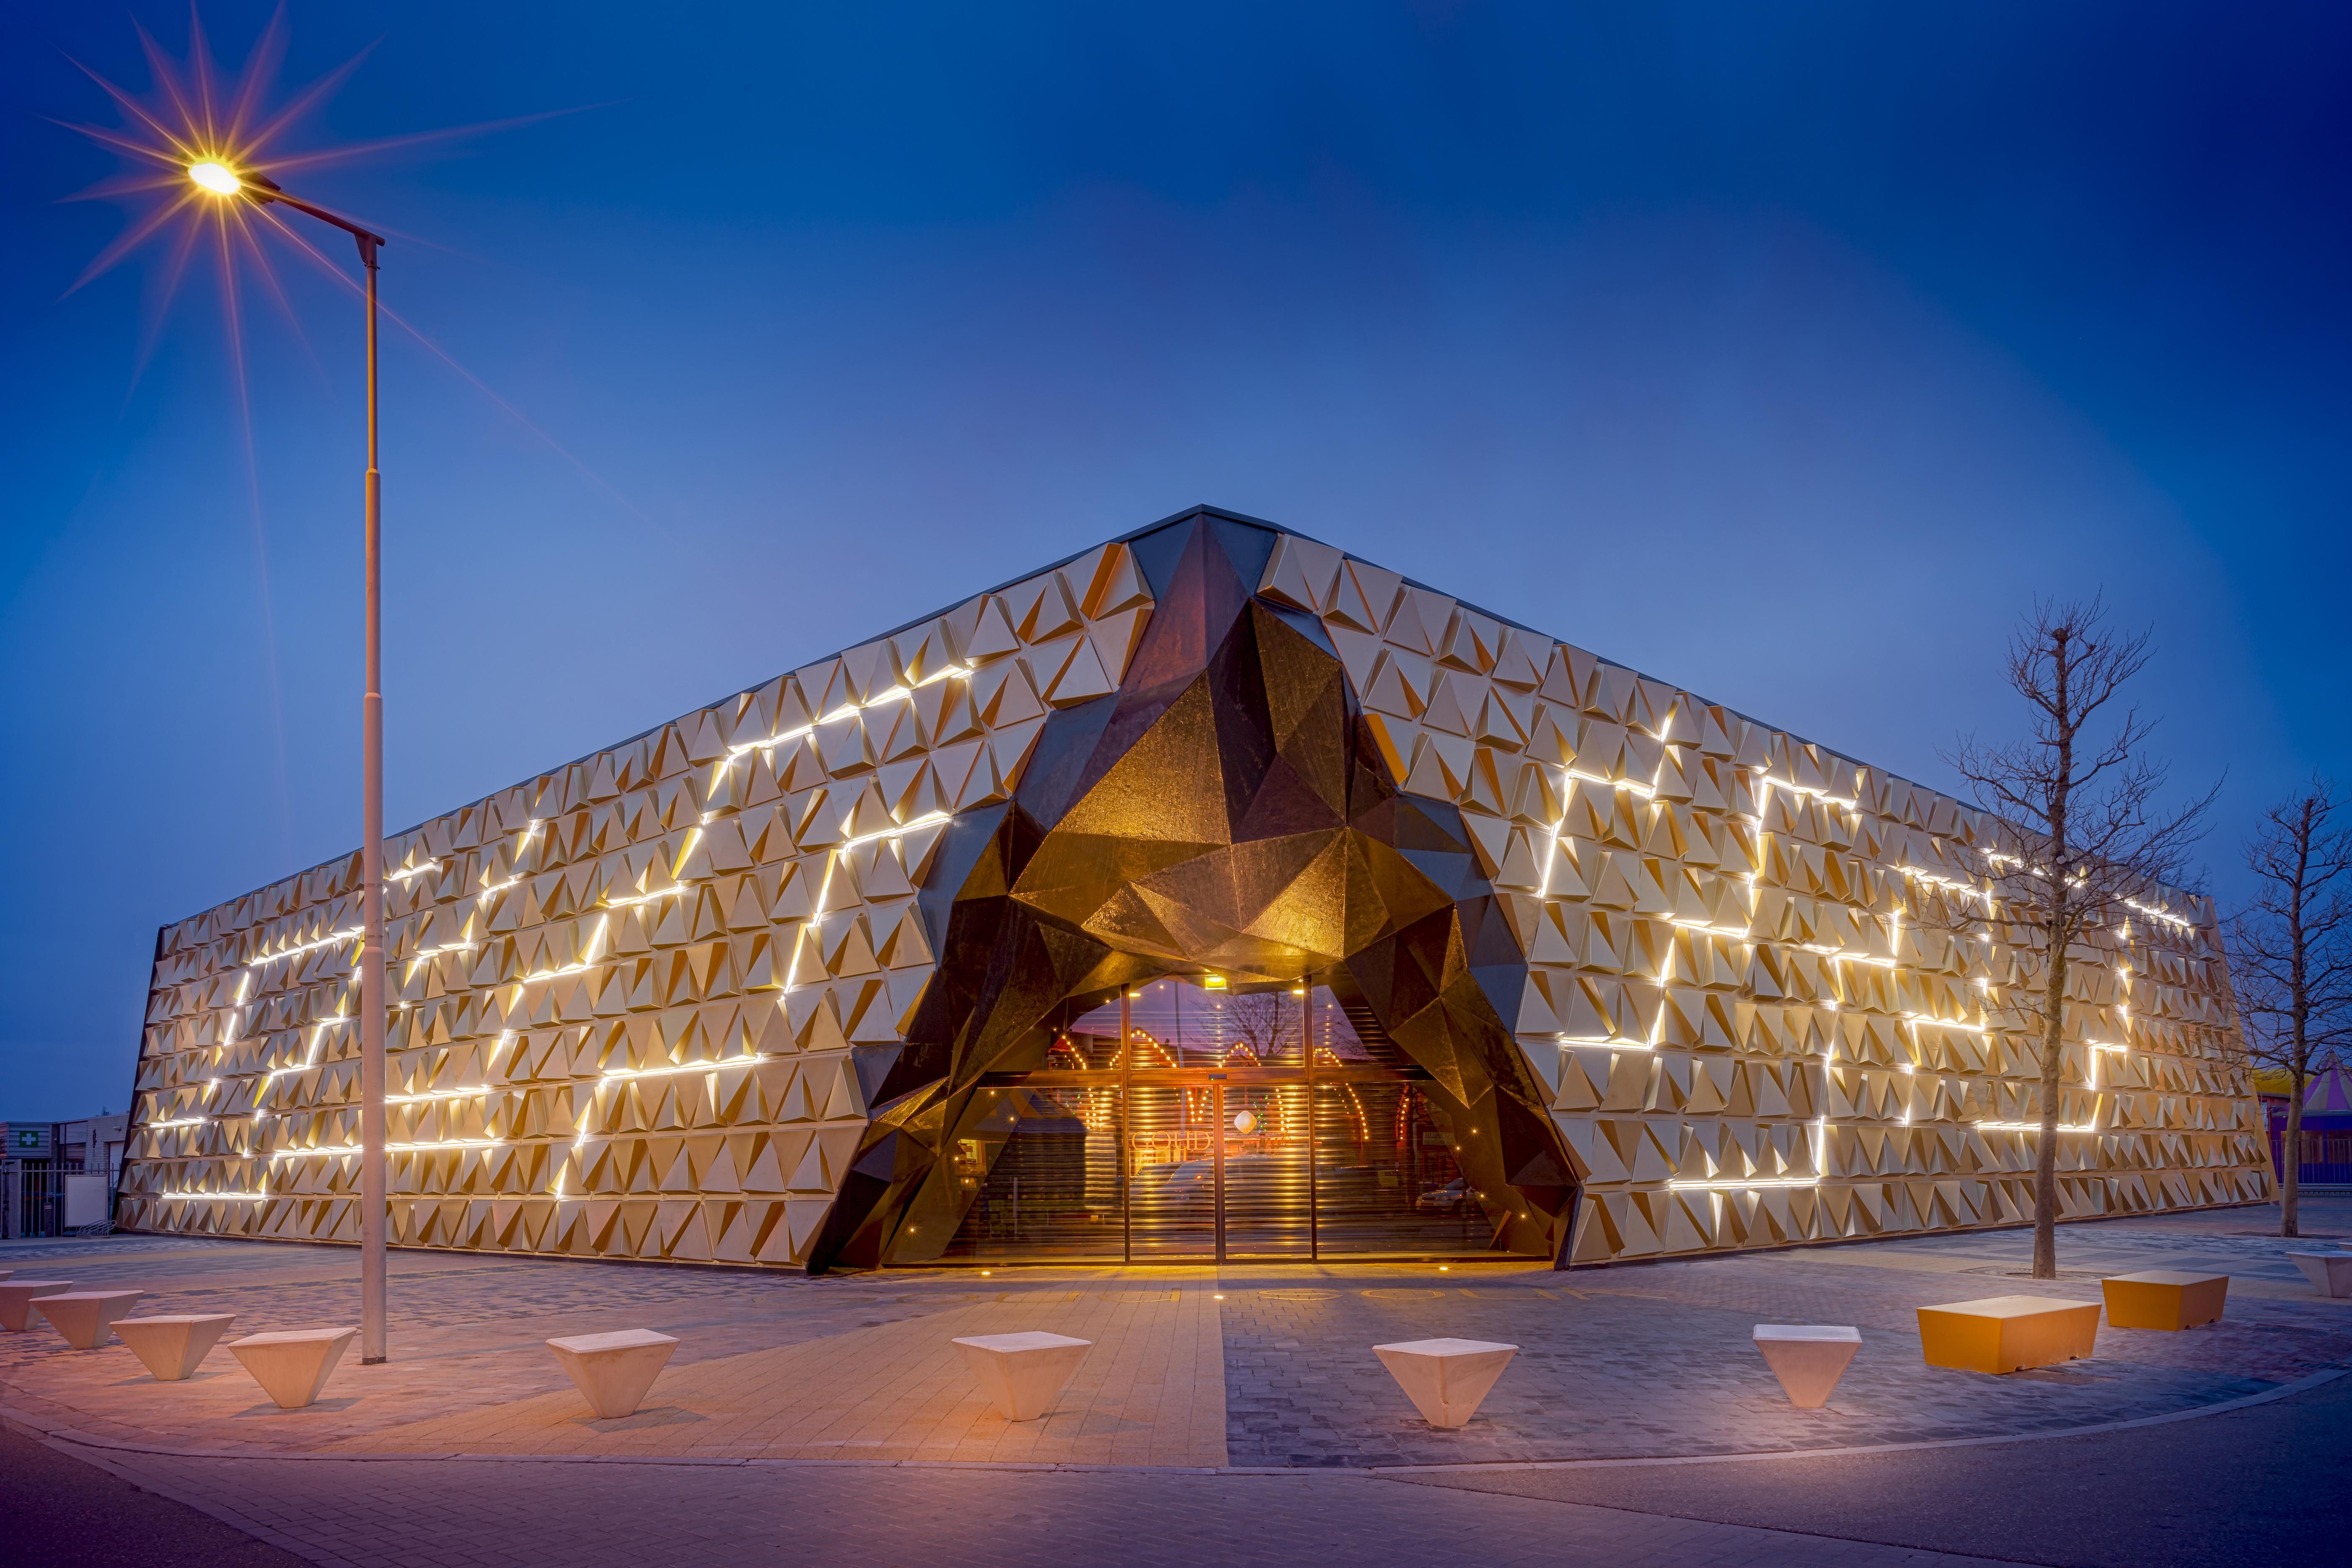 〔안정원의 디자인 칼럼〕 화려한 삼각형 패널로 패턴화된 황금빛 파사드의 금거래소